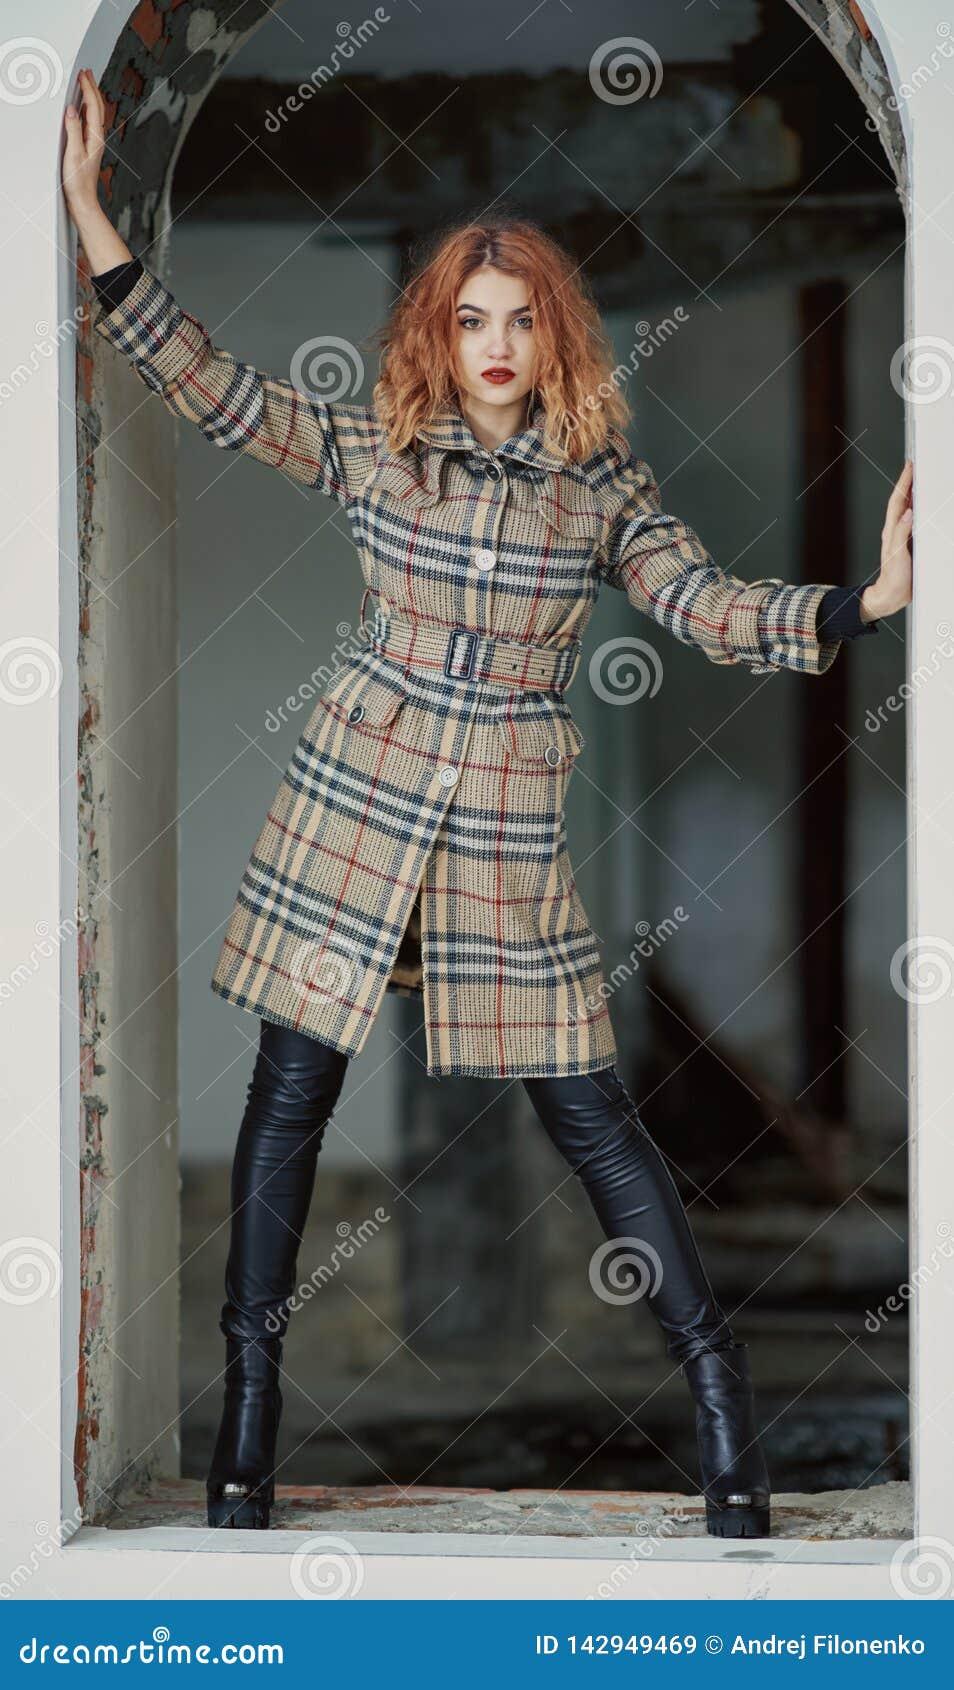 Рыжеволосая маленькая девочка в коротком checkered пальто и черных призонных брюках в высоких пятках представляет в получившемся